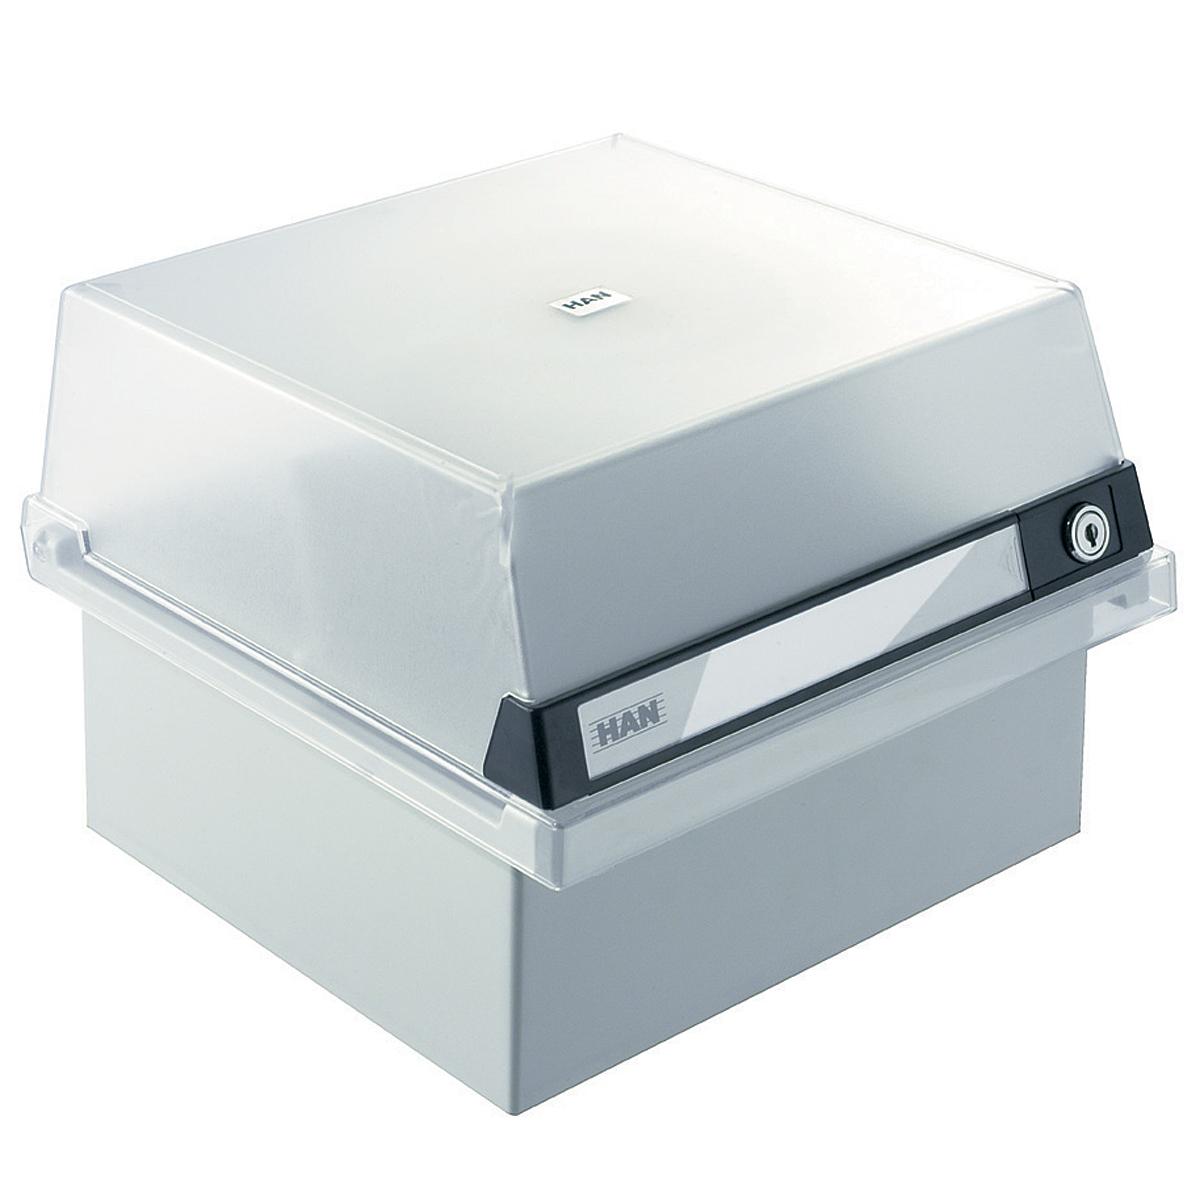 Лоток для бумаг горизонтальный HAN, с крышкой, цвет: светло-серый, формат А5. HA965/S/631HA965/S/631Горизонтальный лоток для бумаг HAN поможет вам навести порядок на столе и сэкономить пространство. Лоток подойдет для карточек формата А5 и меньше. Лоток состоит из 3 вместительных секций, и, благодаря оригинальному дизайну и классической форме, органично впишется в любой интерьер. В комплект входят 1 прозрачный ярлык и 1 пластиковый съемный разделитель, всего лоток оснащен вырубками для 16 разделителей. Таким образом, можно изменять размер секций, что позволяет настроить лоток так, как будет удобно именно вам. Лоток закрывается прозрачной крышкой на ключ, что обеспечивает сохранность хранящихся в нем бумаг. В комплекте - 2 ключа. На крышке расположено прозрачное окошко для этикетки. Лоток изготовлен из антистатического ударопрочного пластика. Лоток имеет ножки, предотвращающие скольжение по столу и обеспечивающие необходимую устойчивость. Благодаря лотку для бумаг, важные бумаги и документы не потеряются и всегда будут под рукой.